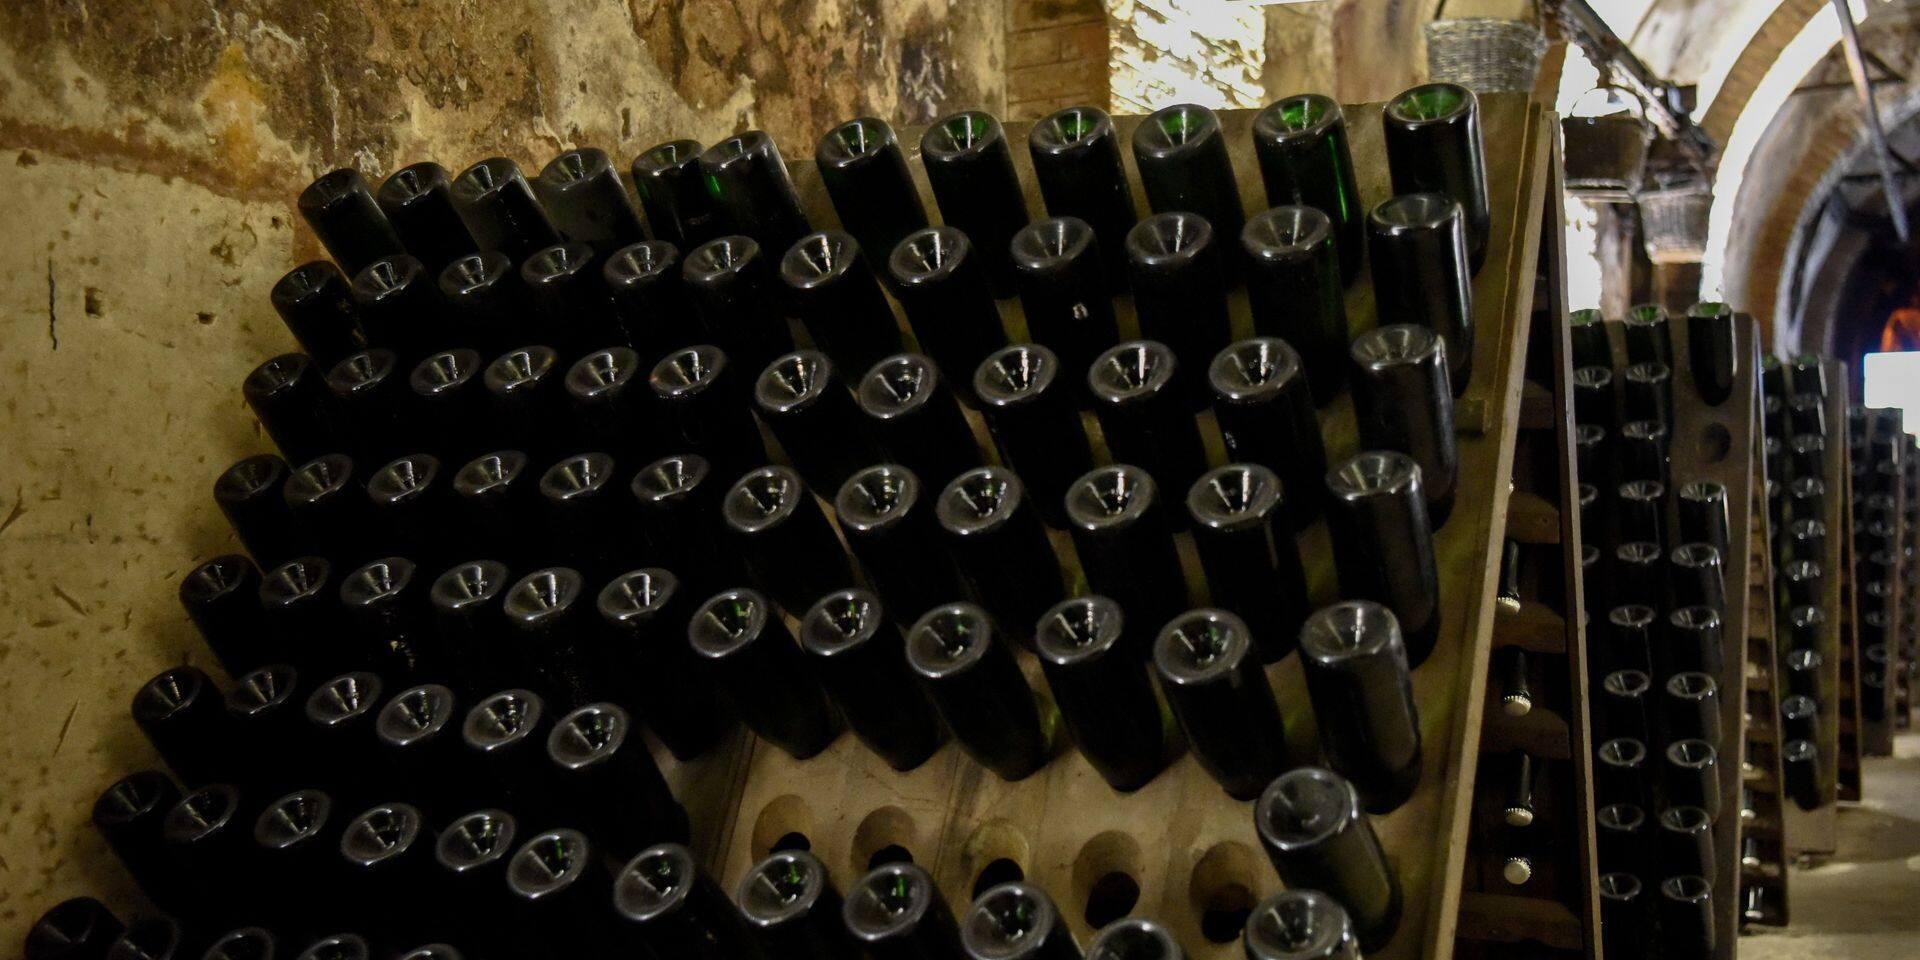 """Traite d'êtres humains dans le business du champagne: """"Le scénario était bien rodé"""""""